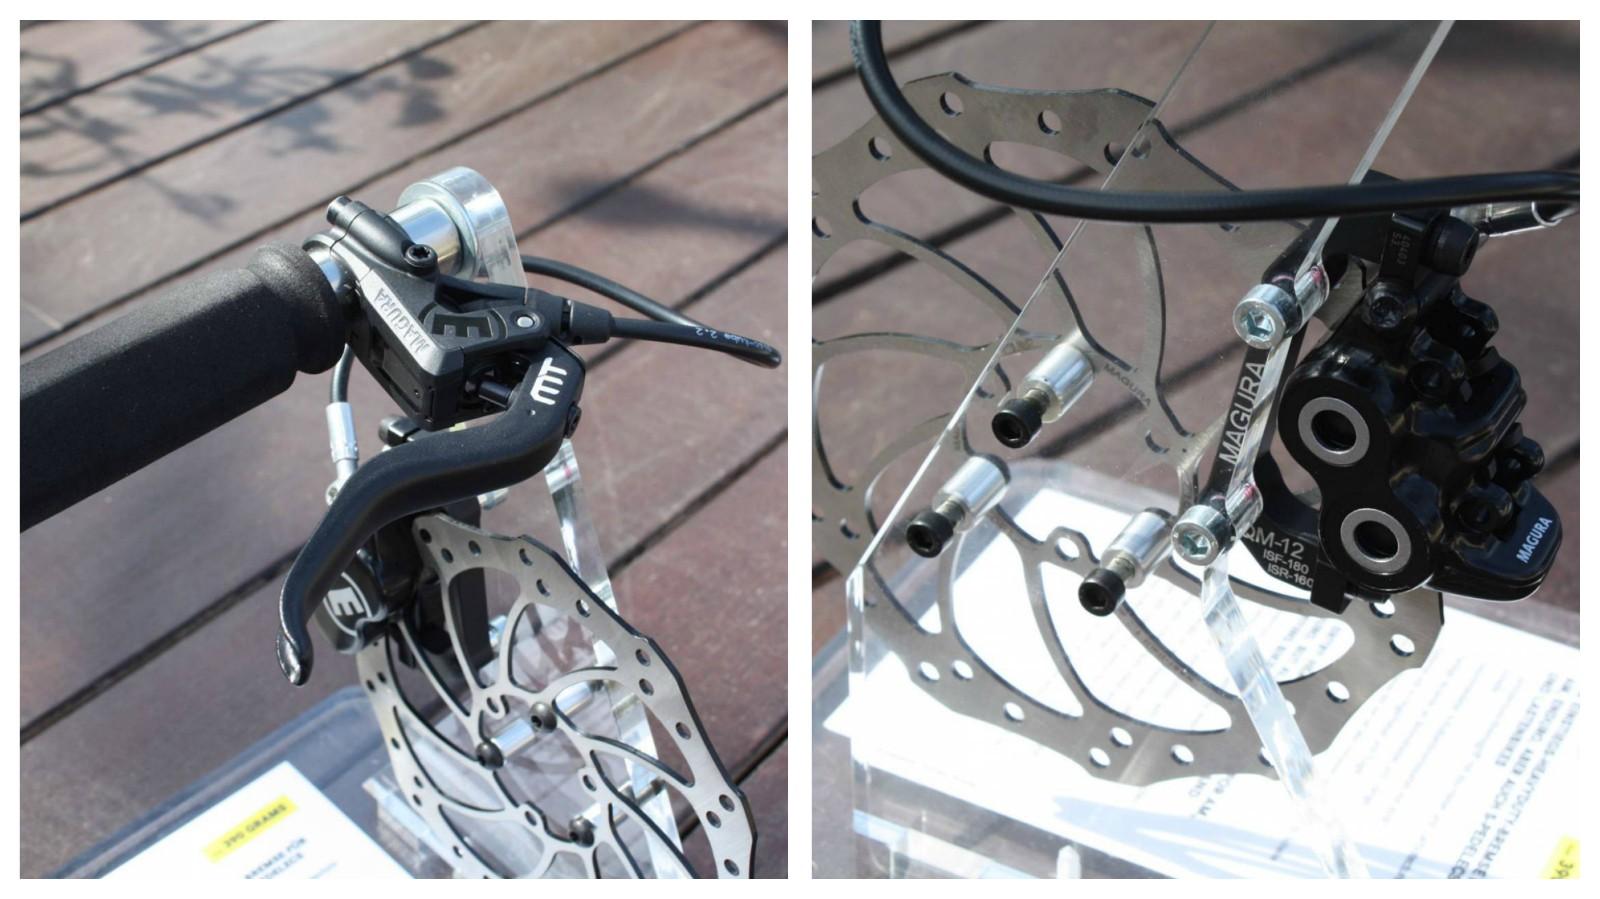 Magura MT5 lever and caliper